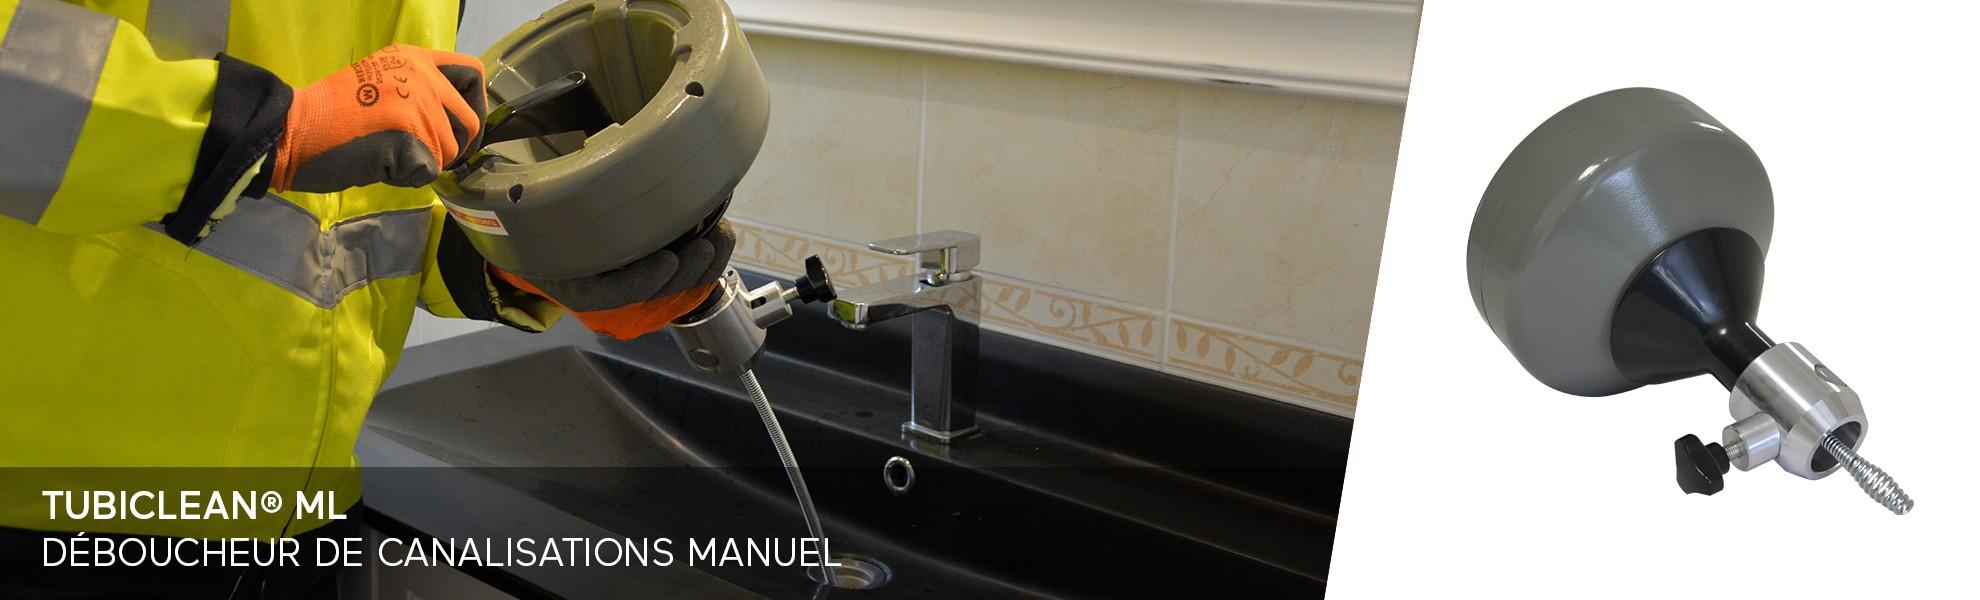 Tubiclean® ML - Déboucheur de canalisations manuel